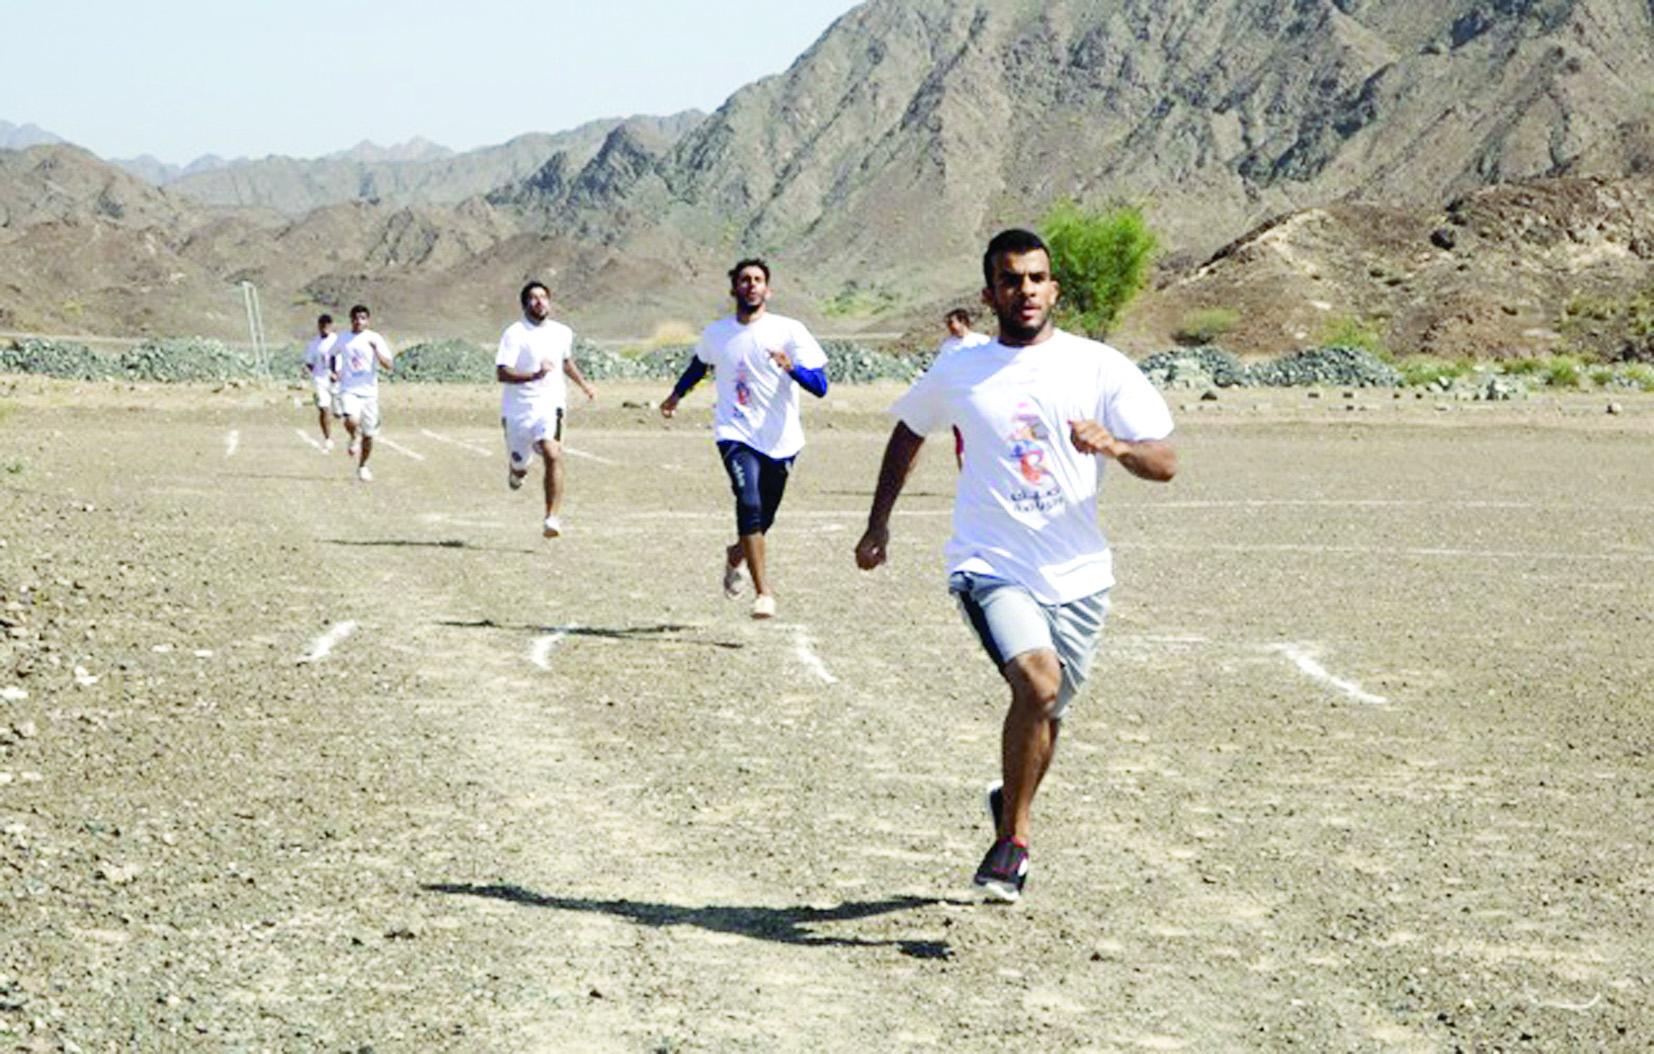 يوم رياضي مفتوح لفريق الصقر بولاية سمائل ضمن برنامج صيف الرياضة 2016